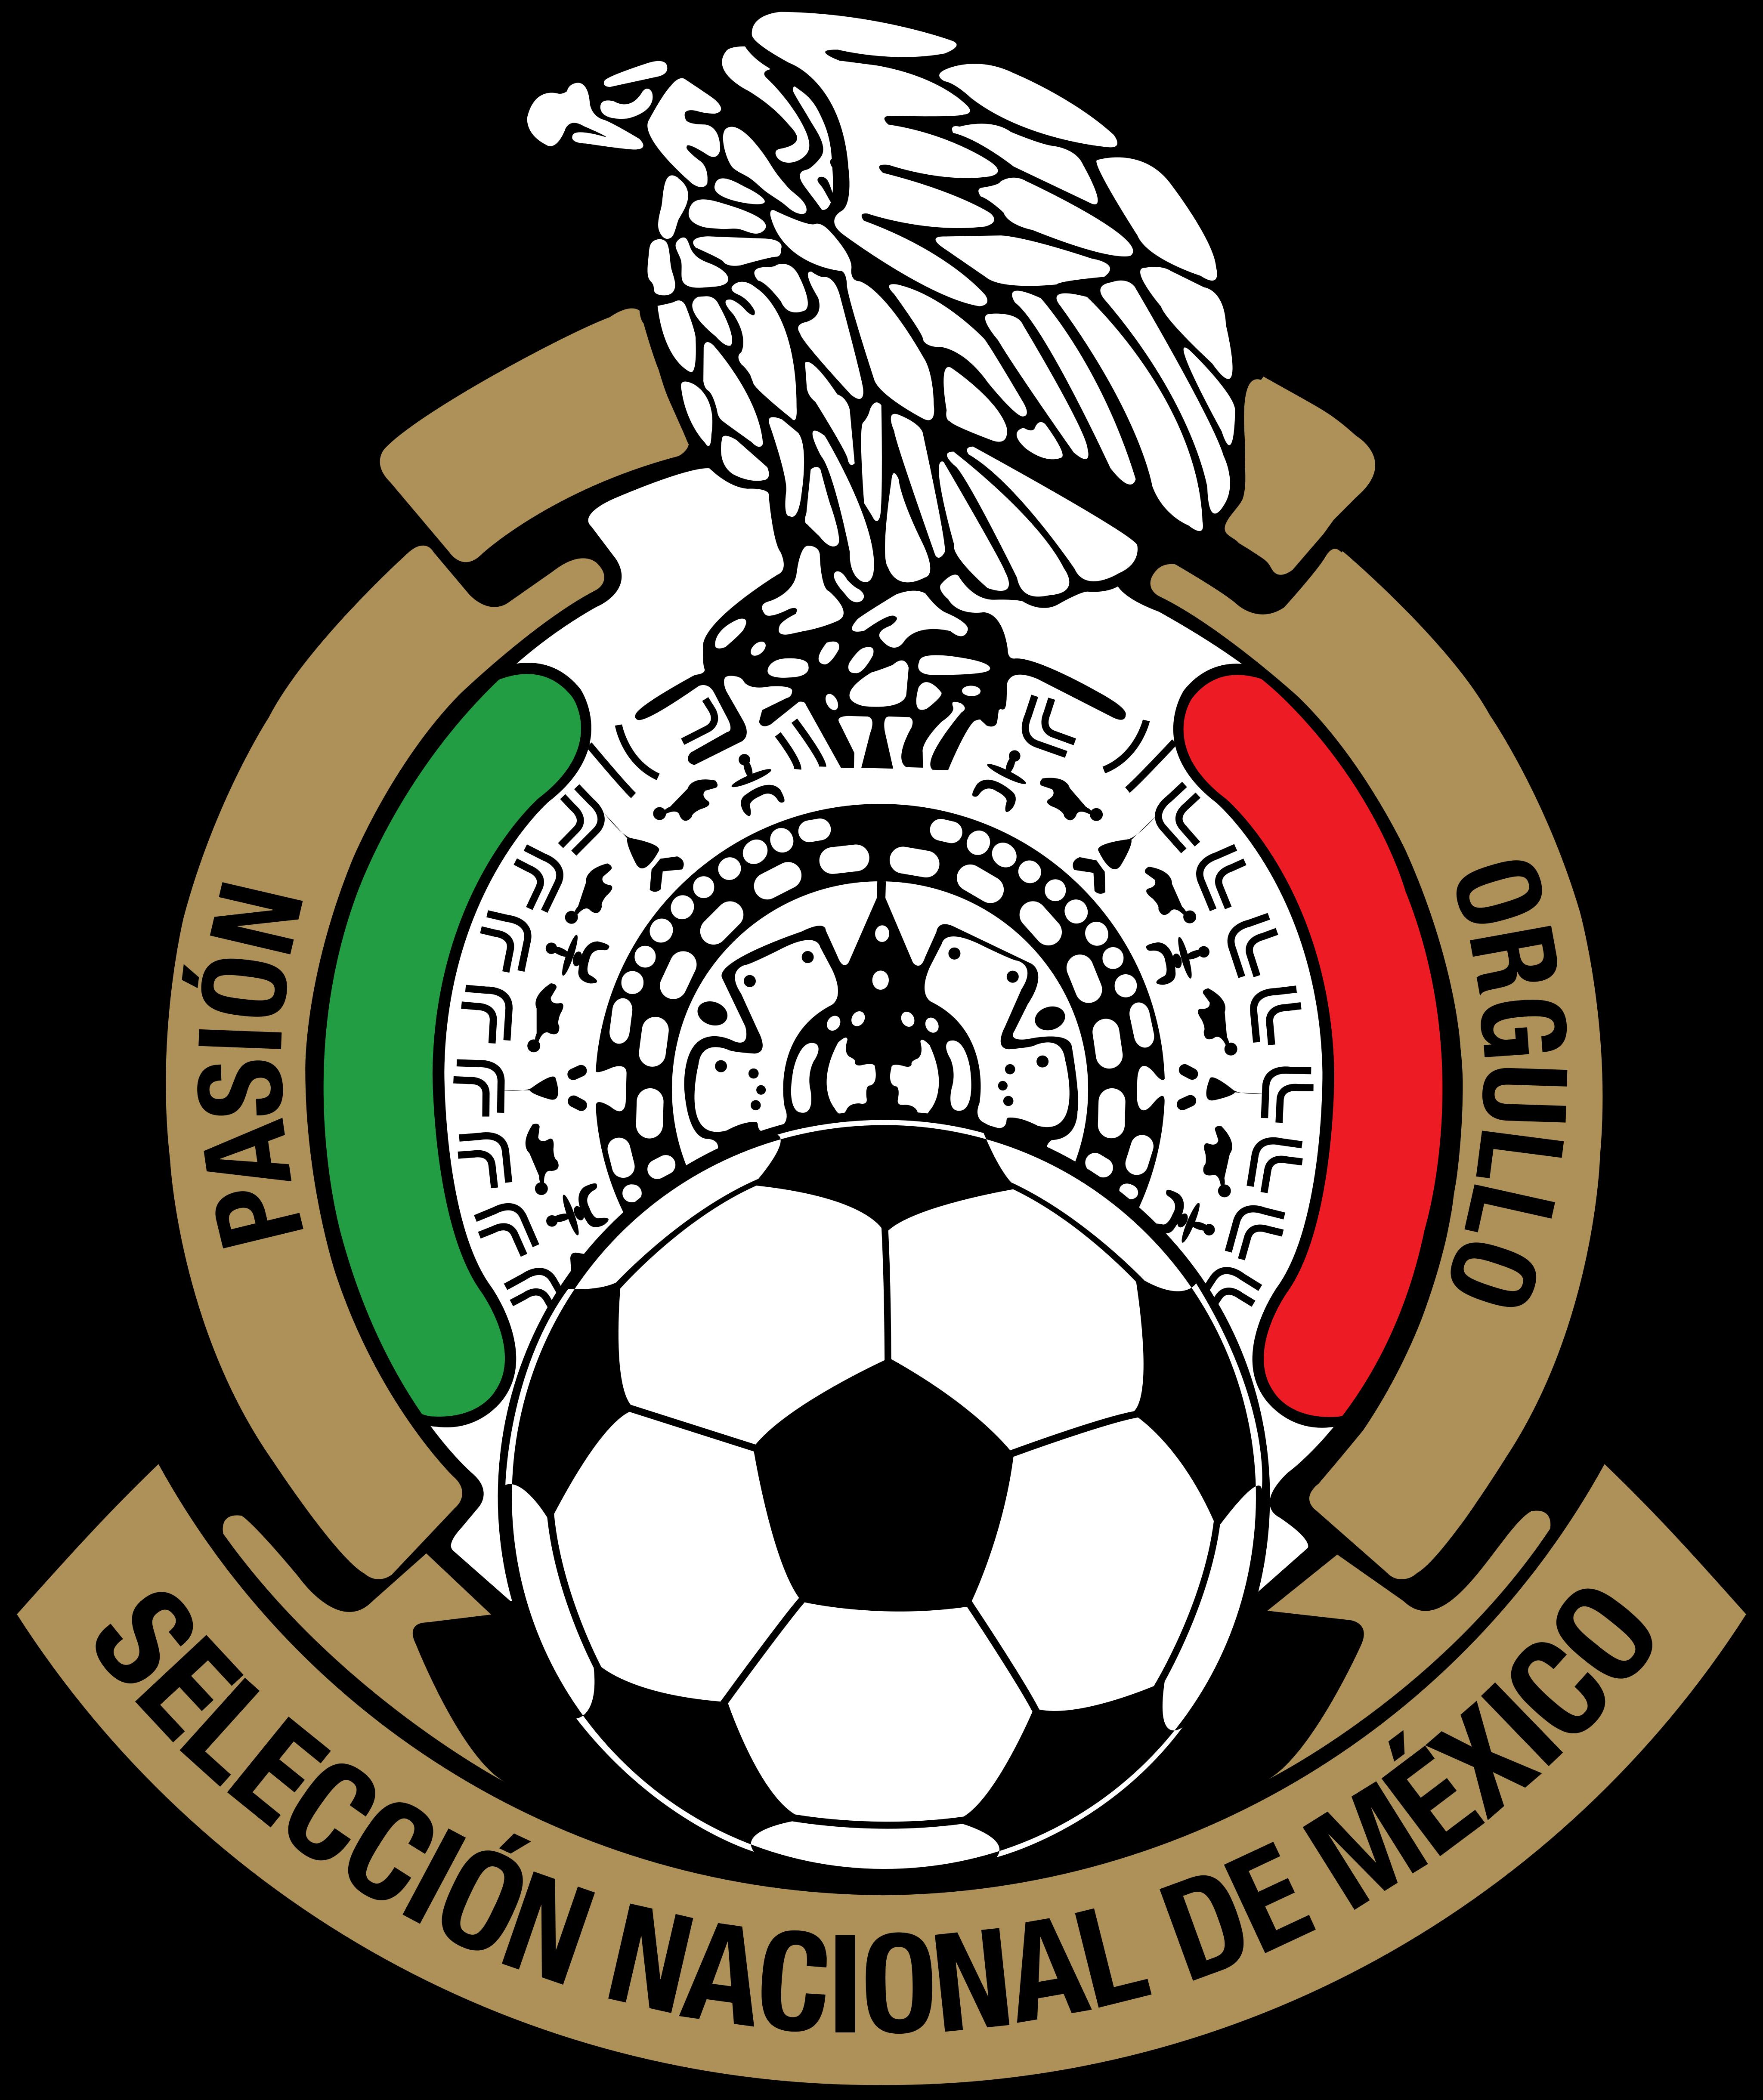 Selección de fútbol de México Logo.